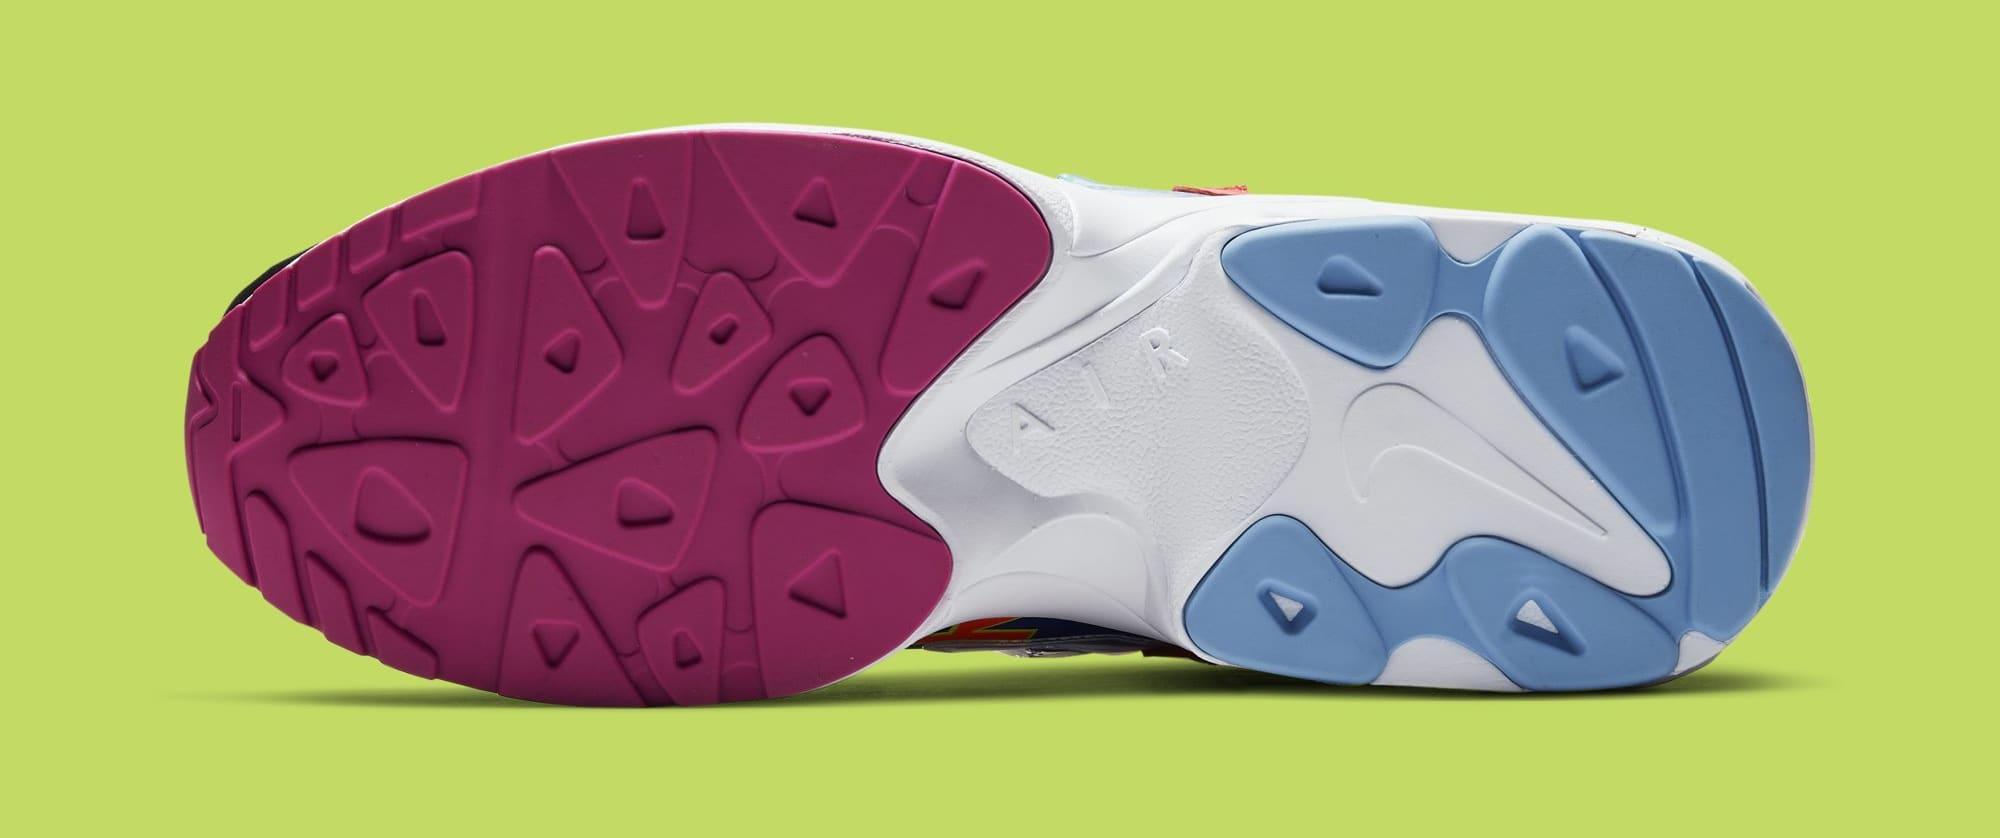 Atmos x Nike Air Max2 Light BV7406-001 (Bottom)